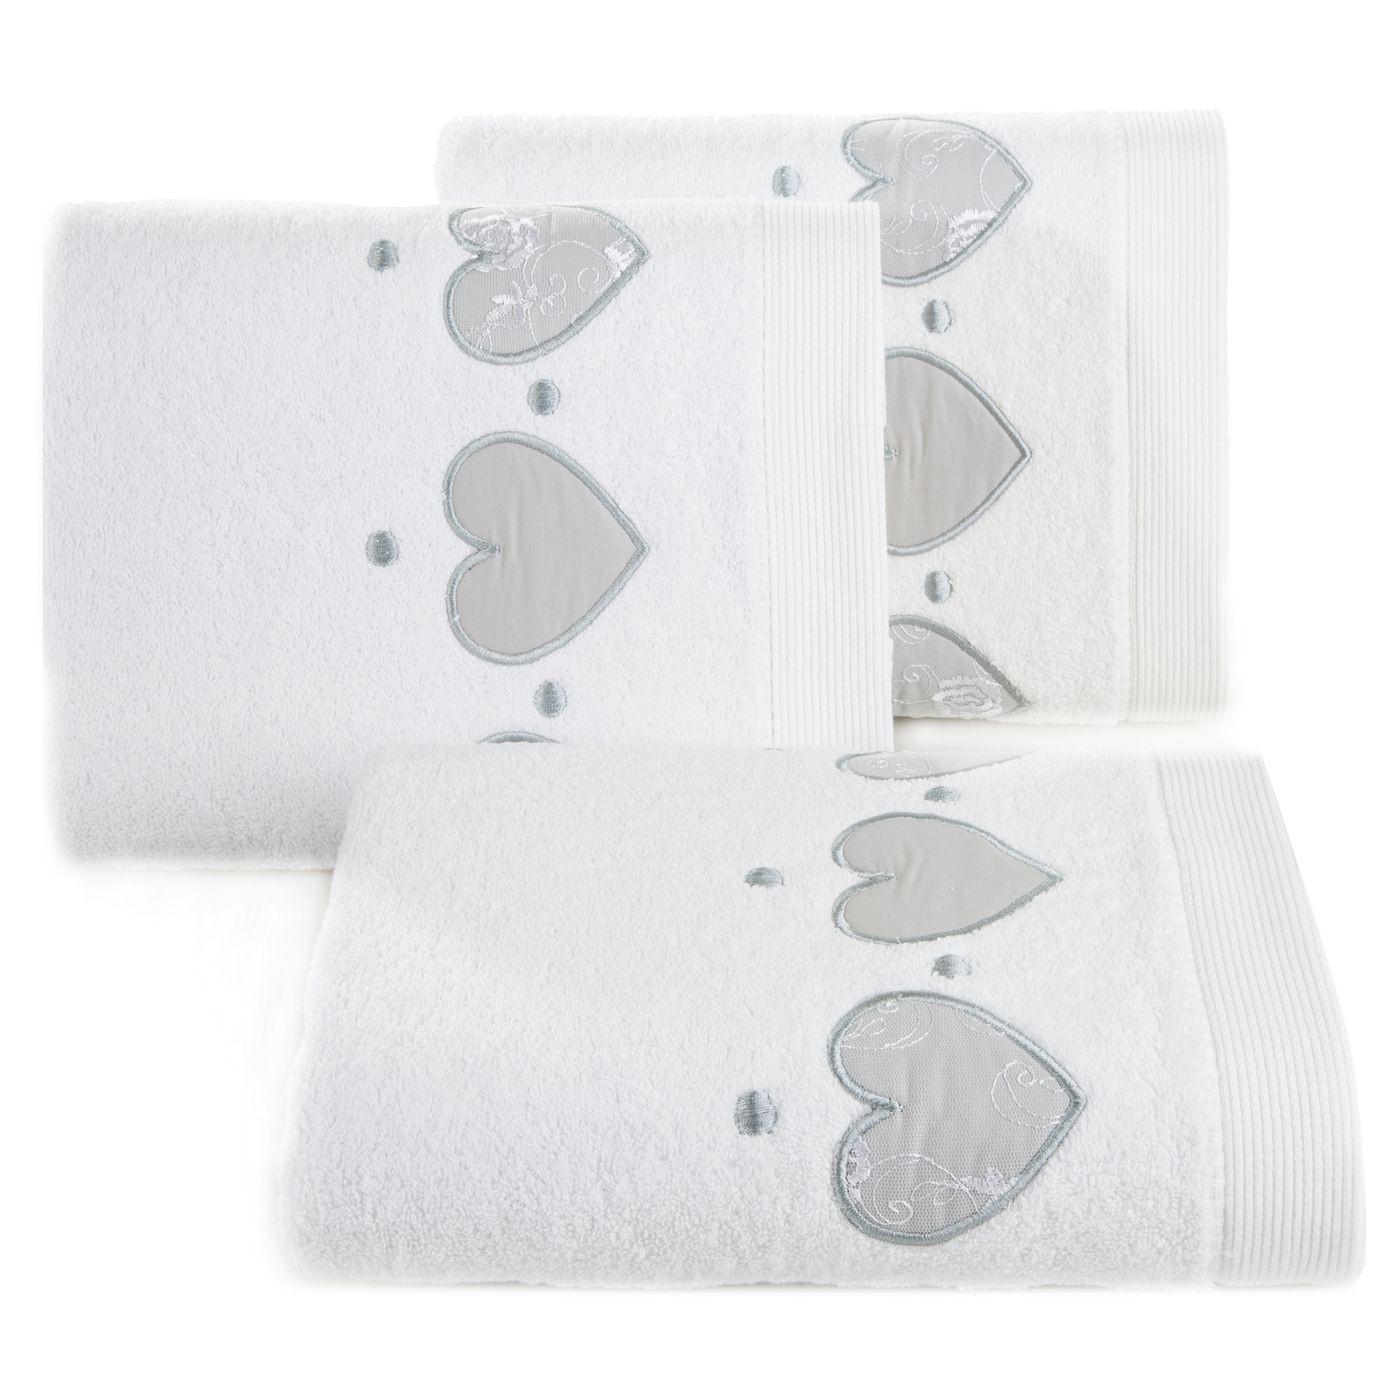 Miękki chłonny ręcznik kąpielowy biały z serduszkami 70x140